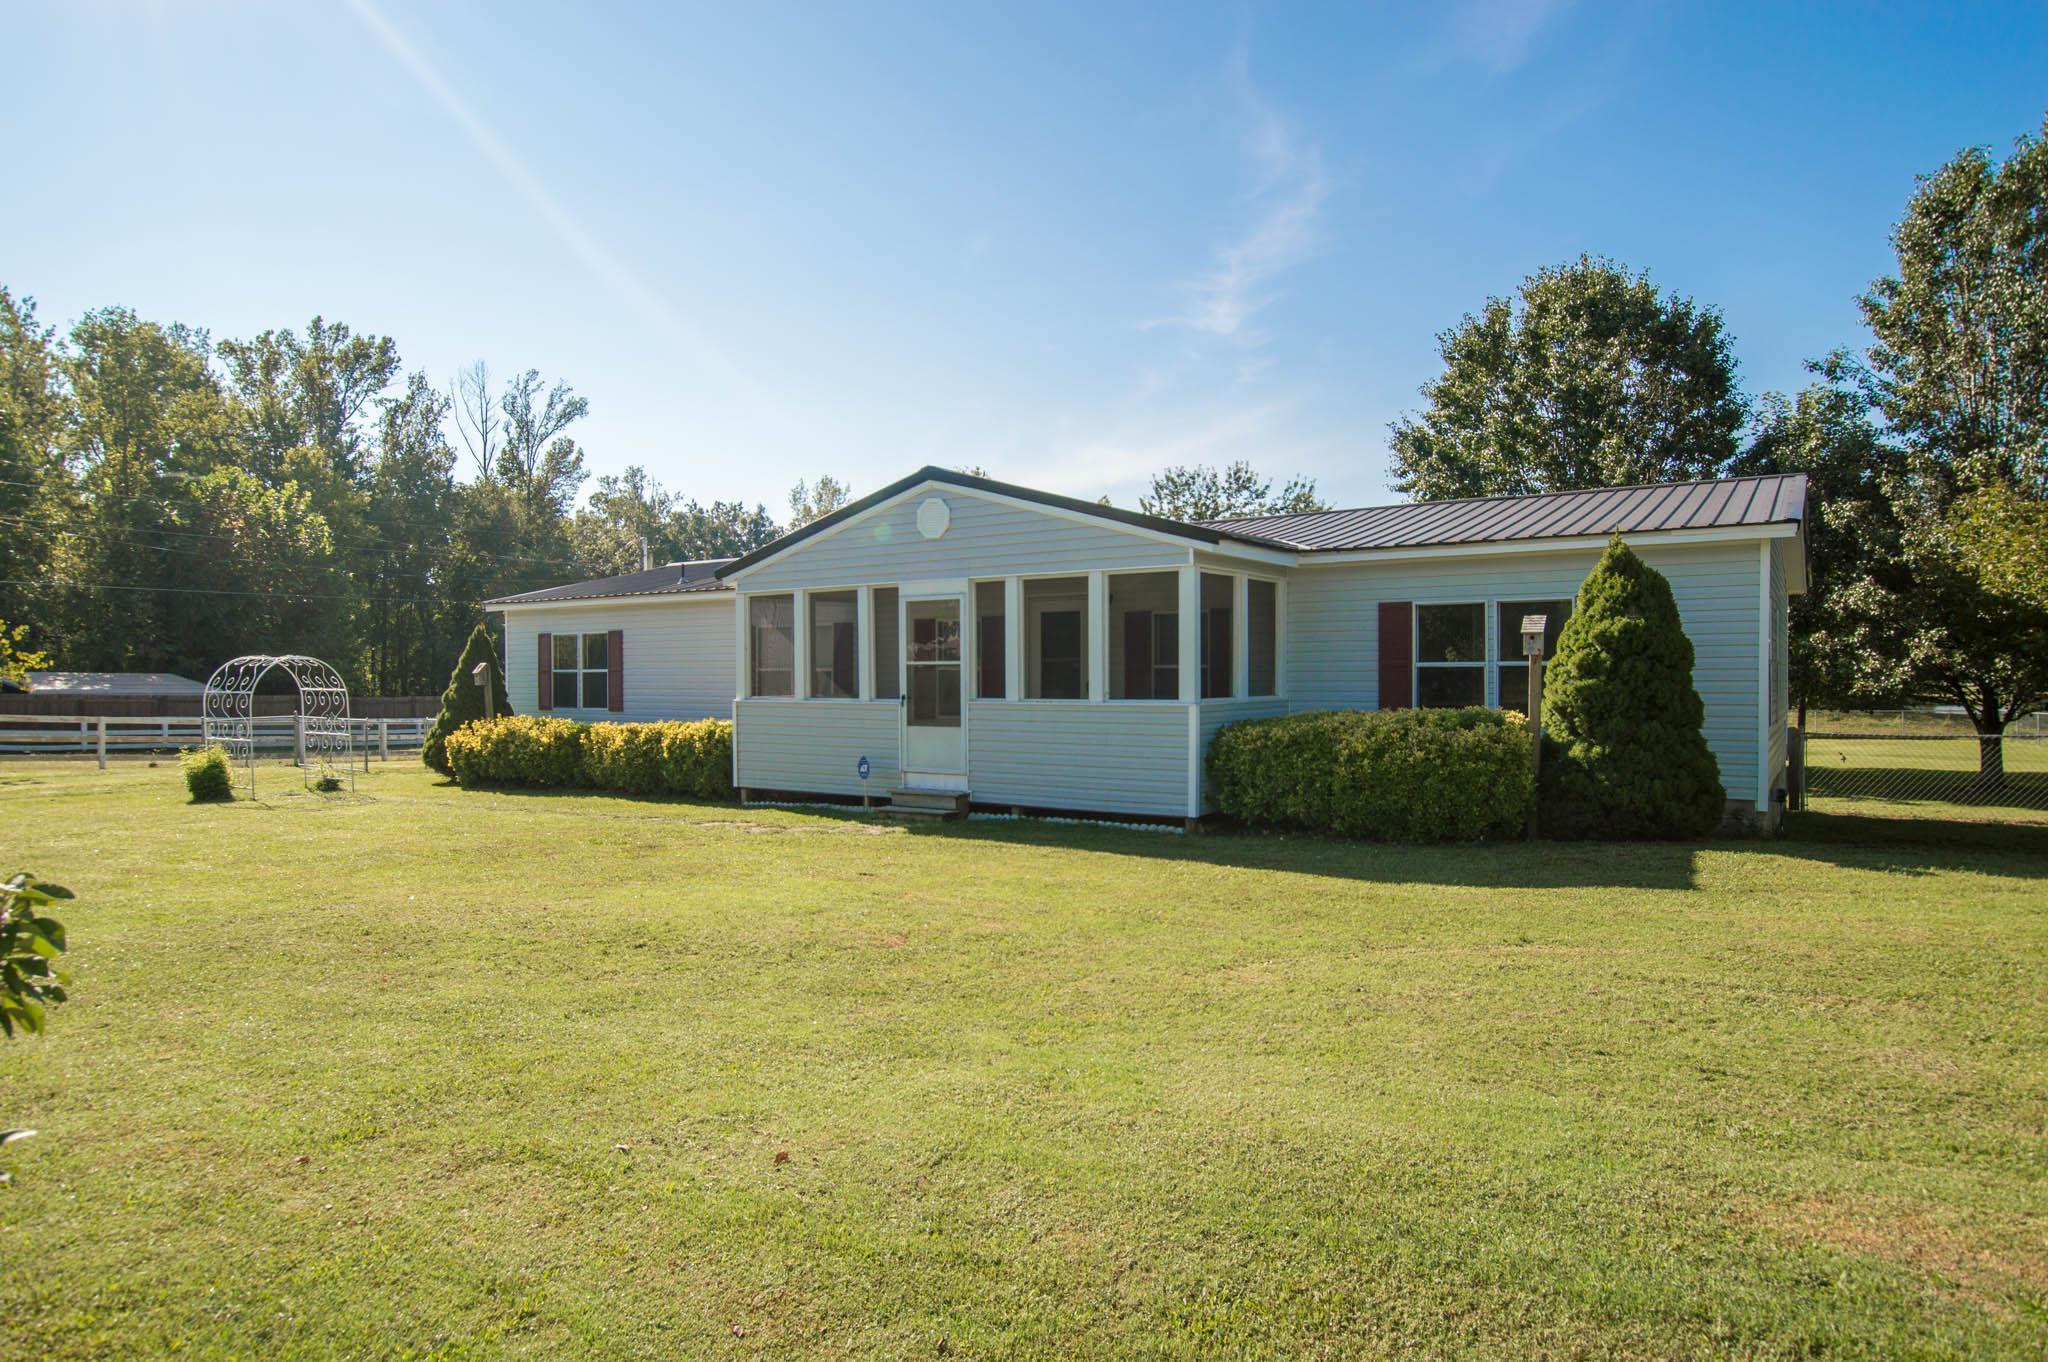 156 Mcbride Ln, Bradyville, TN 37026